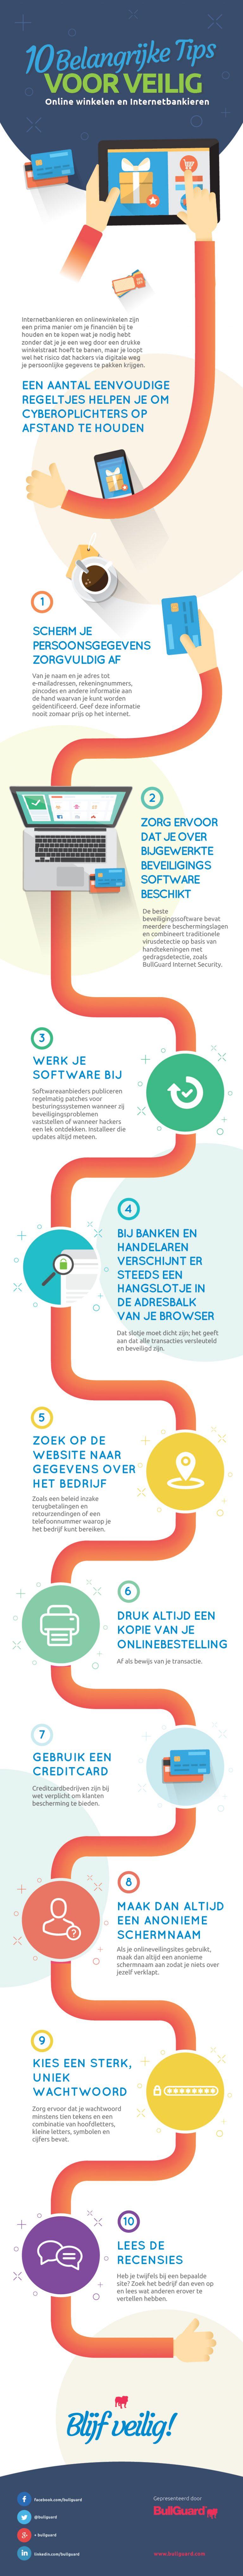 bullguard_online-shopping_infographic_nl